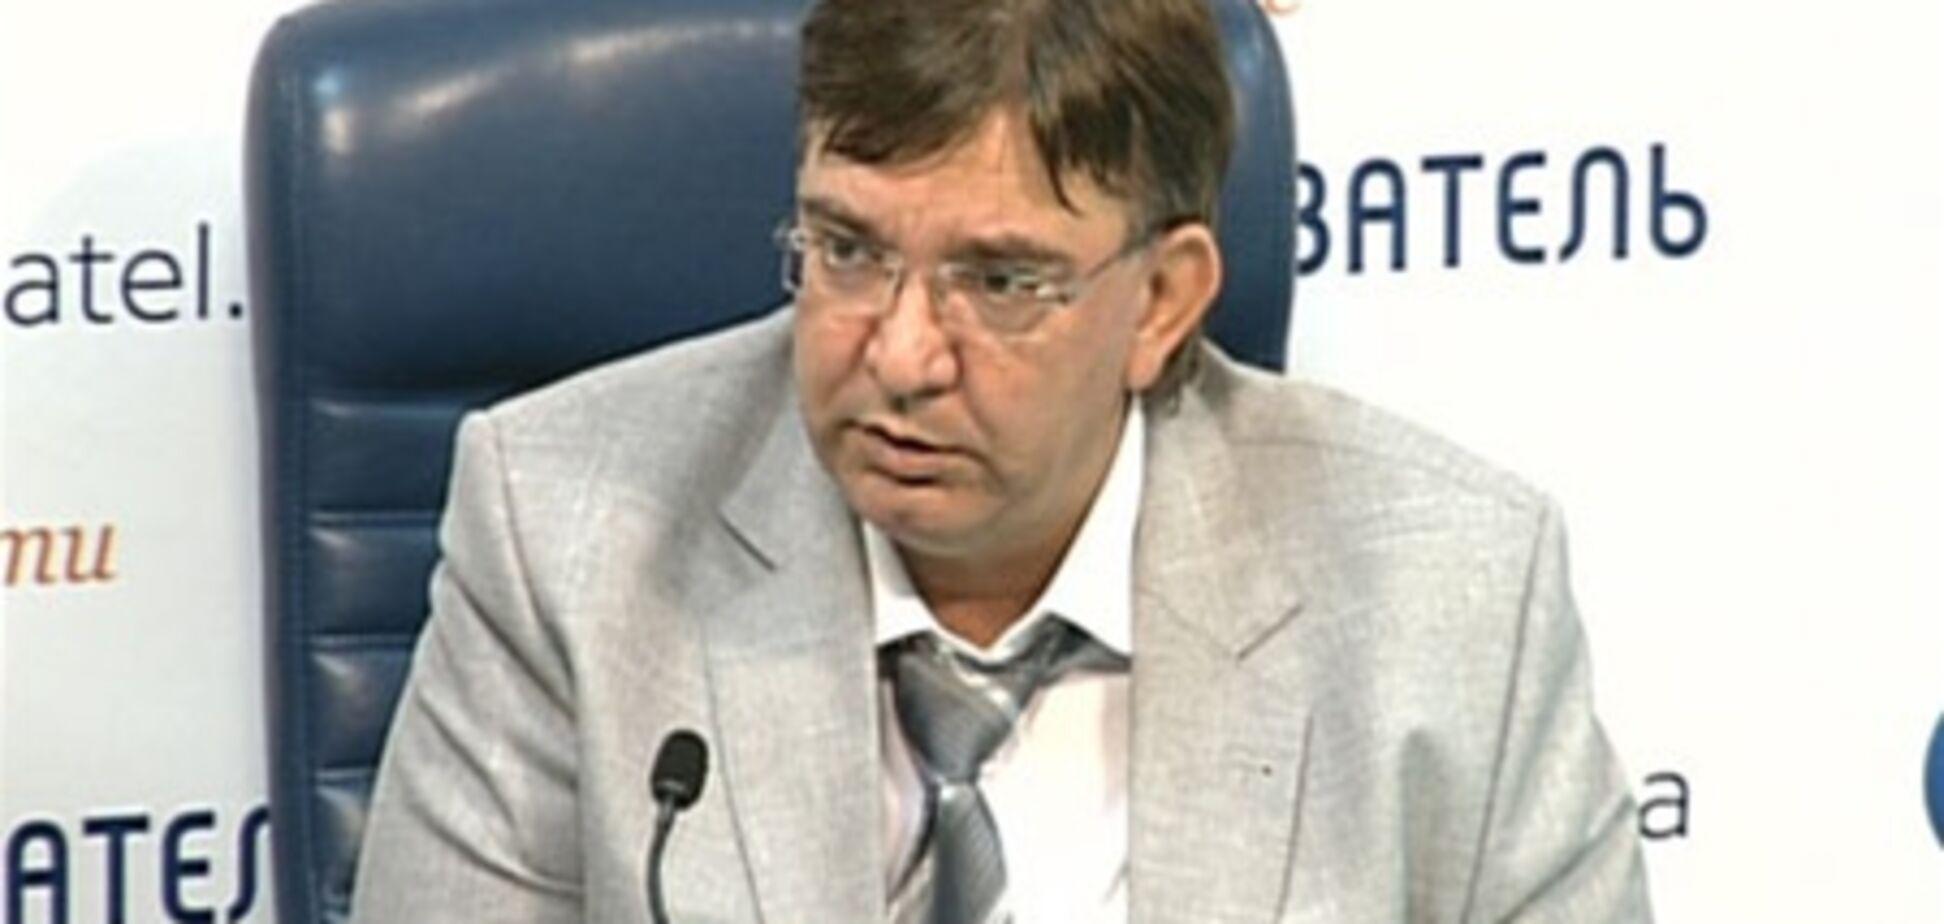 Багиров объяснил, почему в милицию попадают 'нелюди'